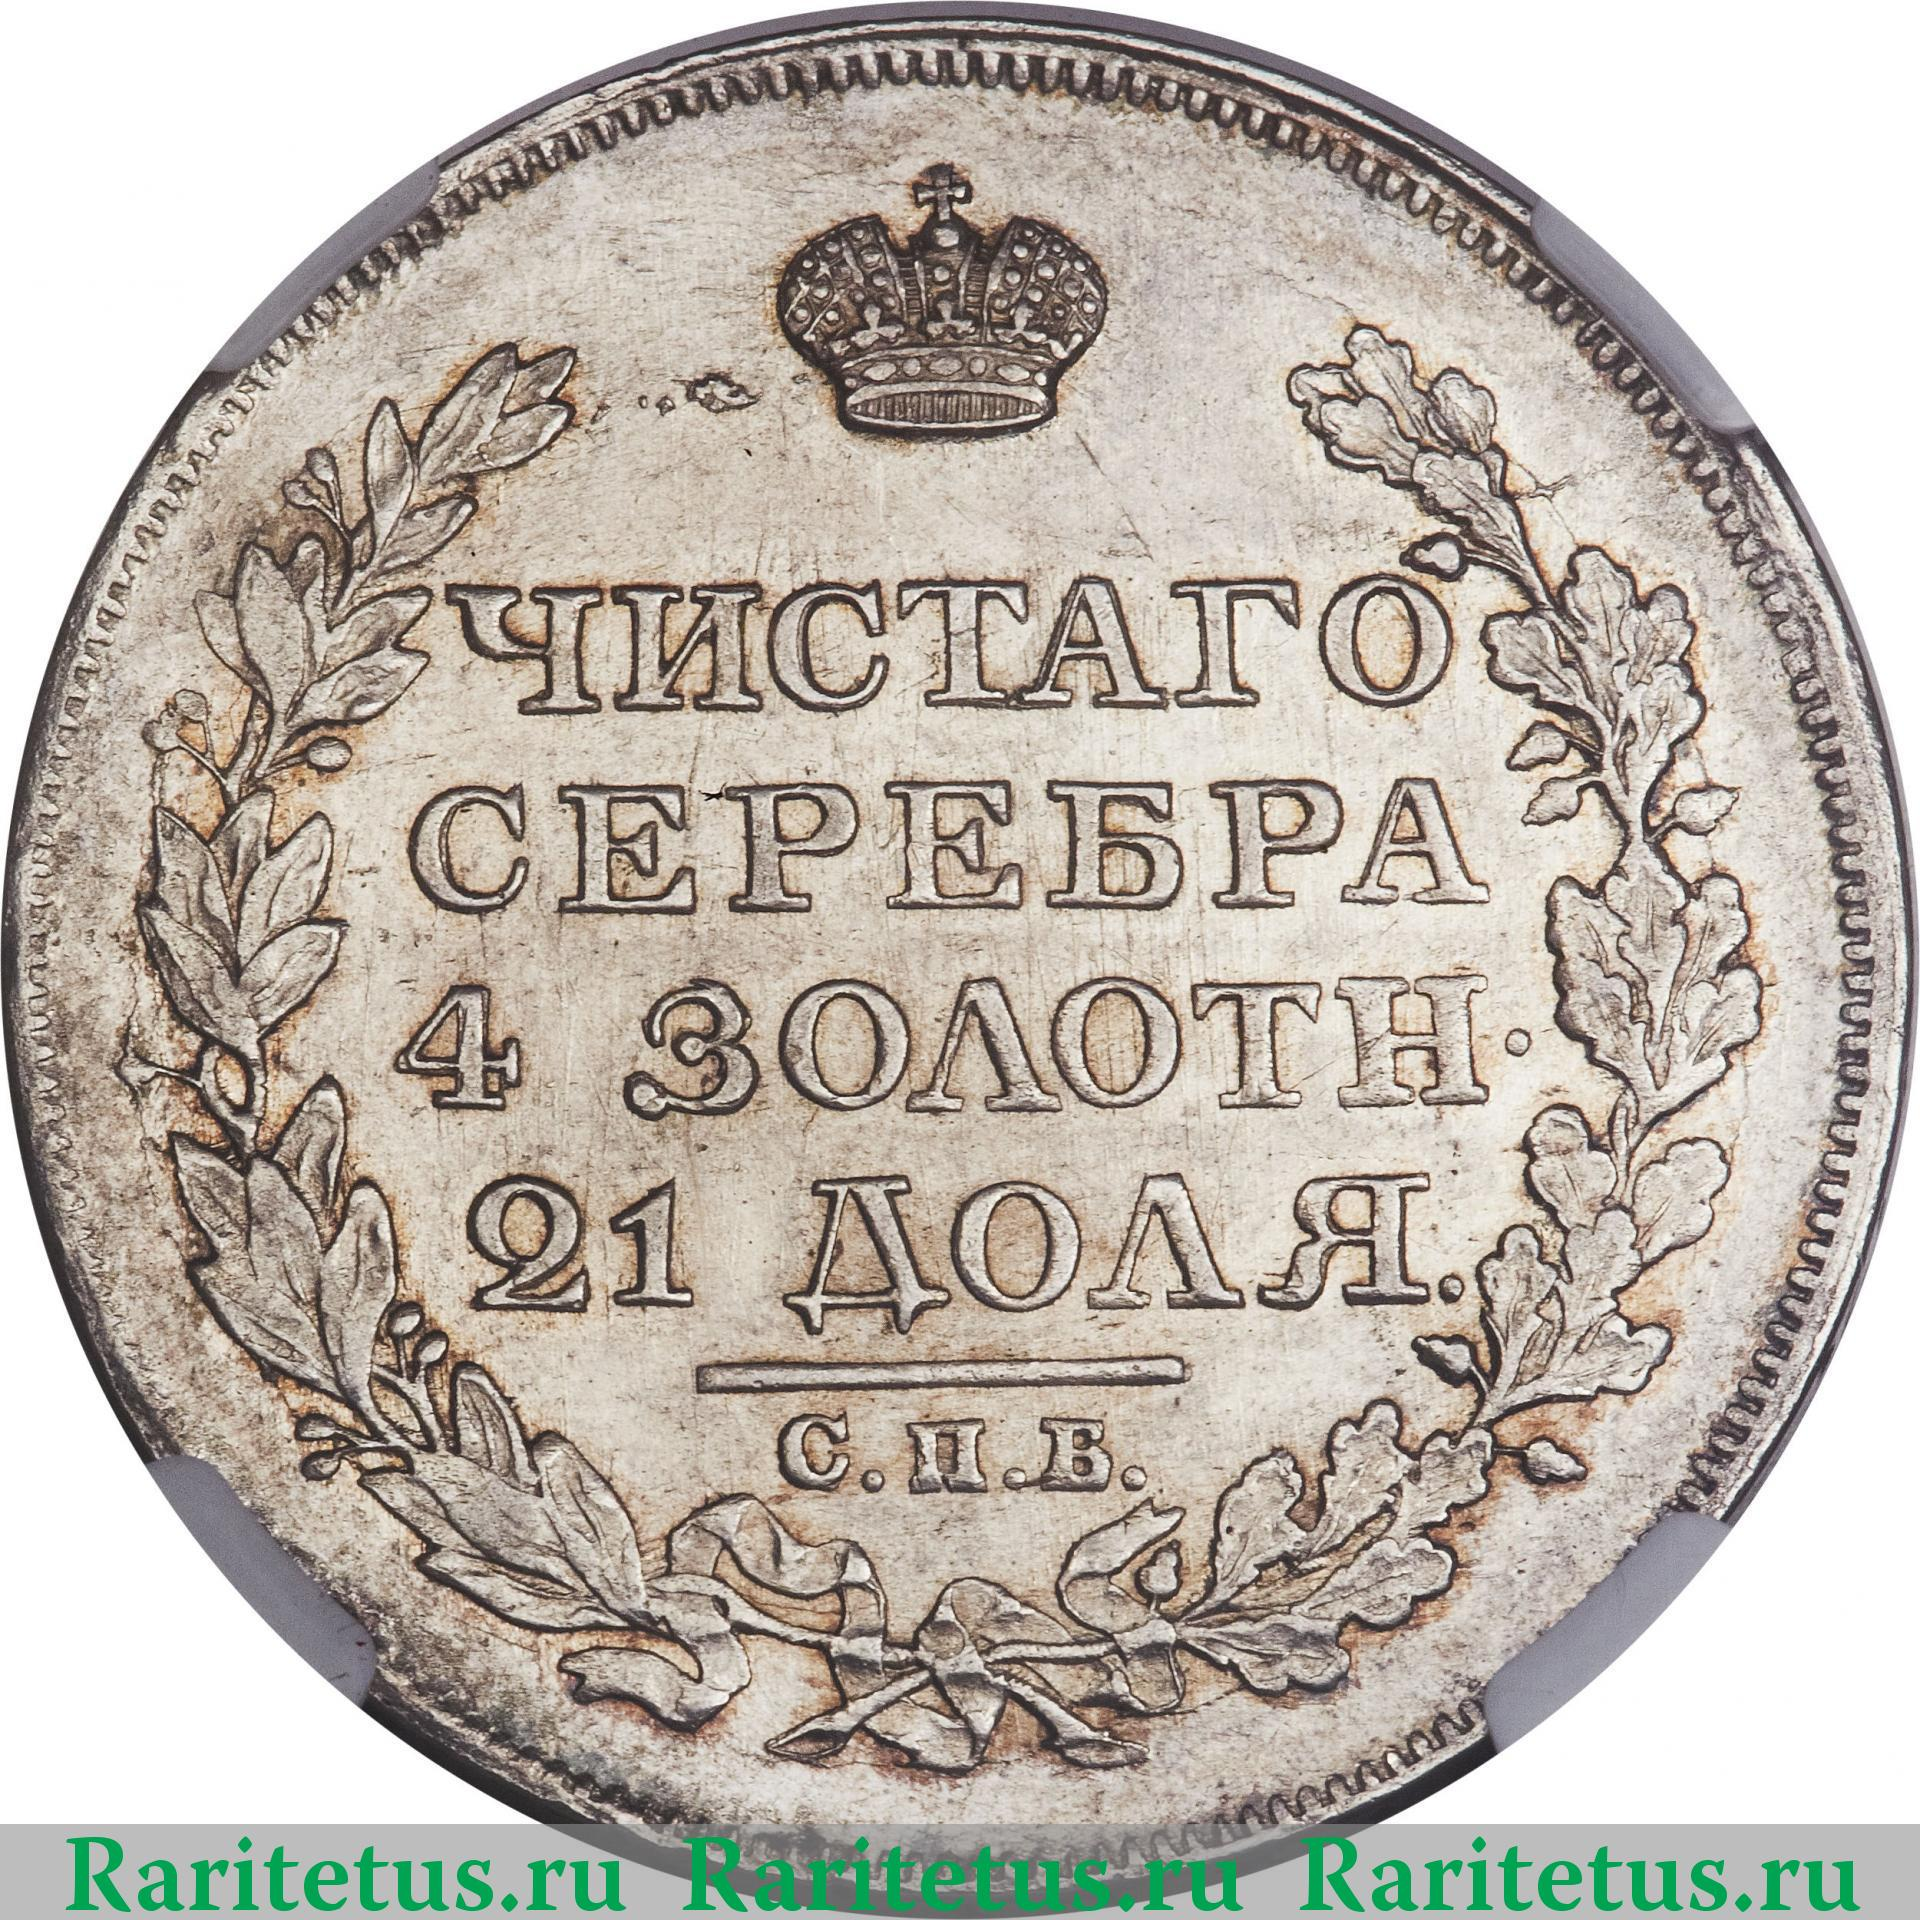 Реверс монеты 1 рубль 1818 года СПБ-ПС скипетр длиннее